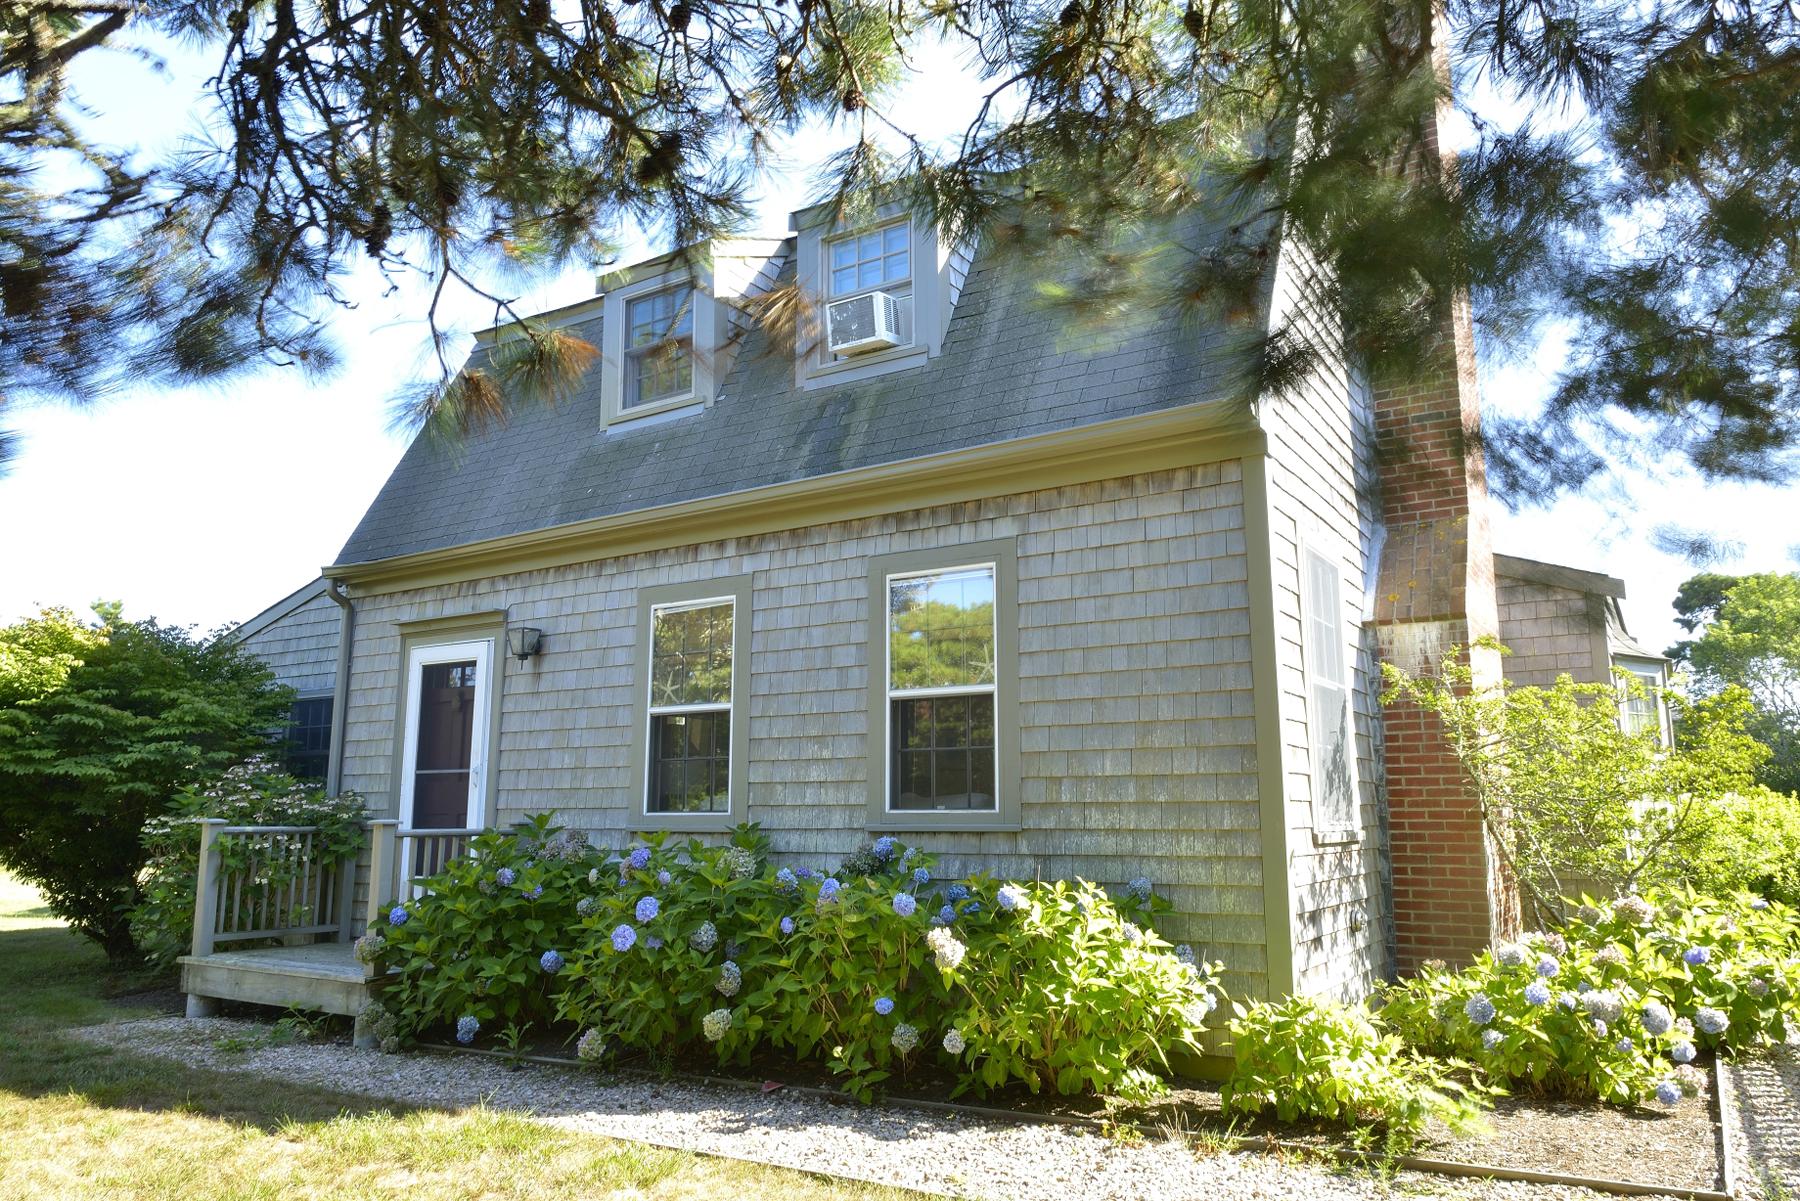 一戸建て のために 売買 アット Surfside Main House and Guest Cottage 15 Masaquet Avenue Nantucket, マサチューセッツ 02554 アメリカ合衆国